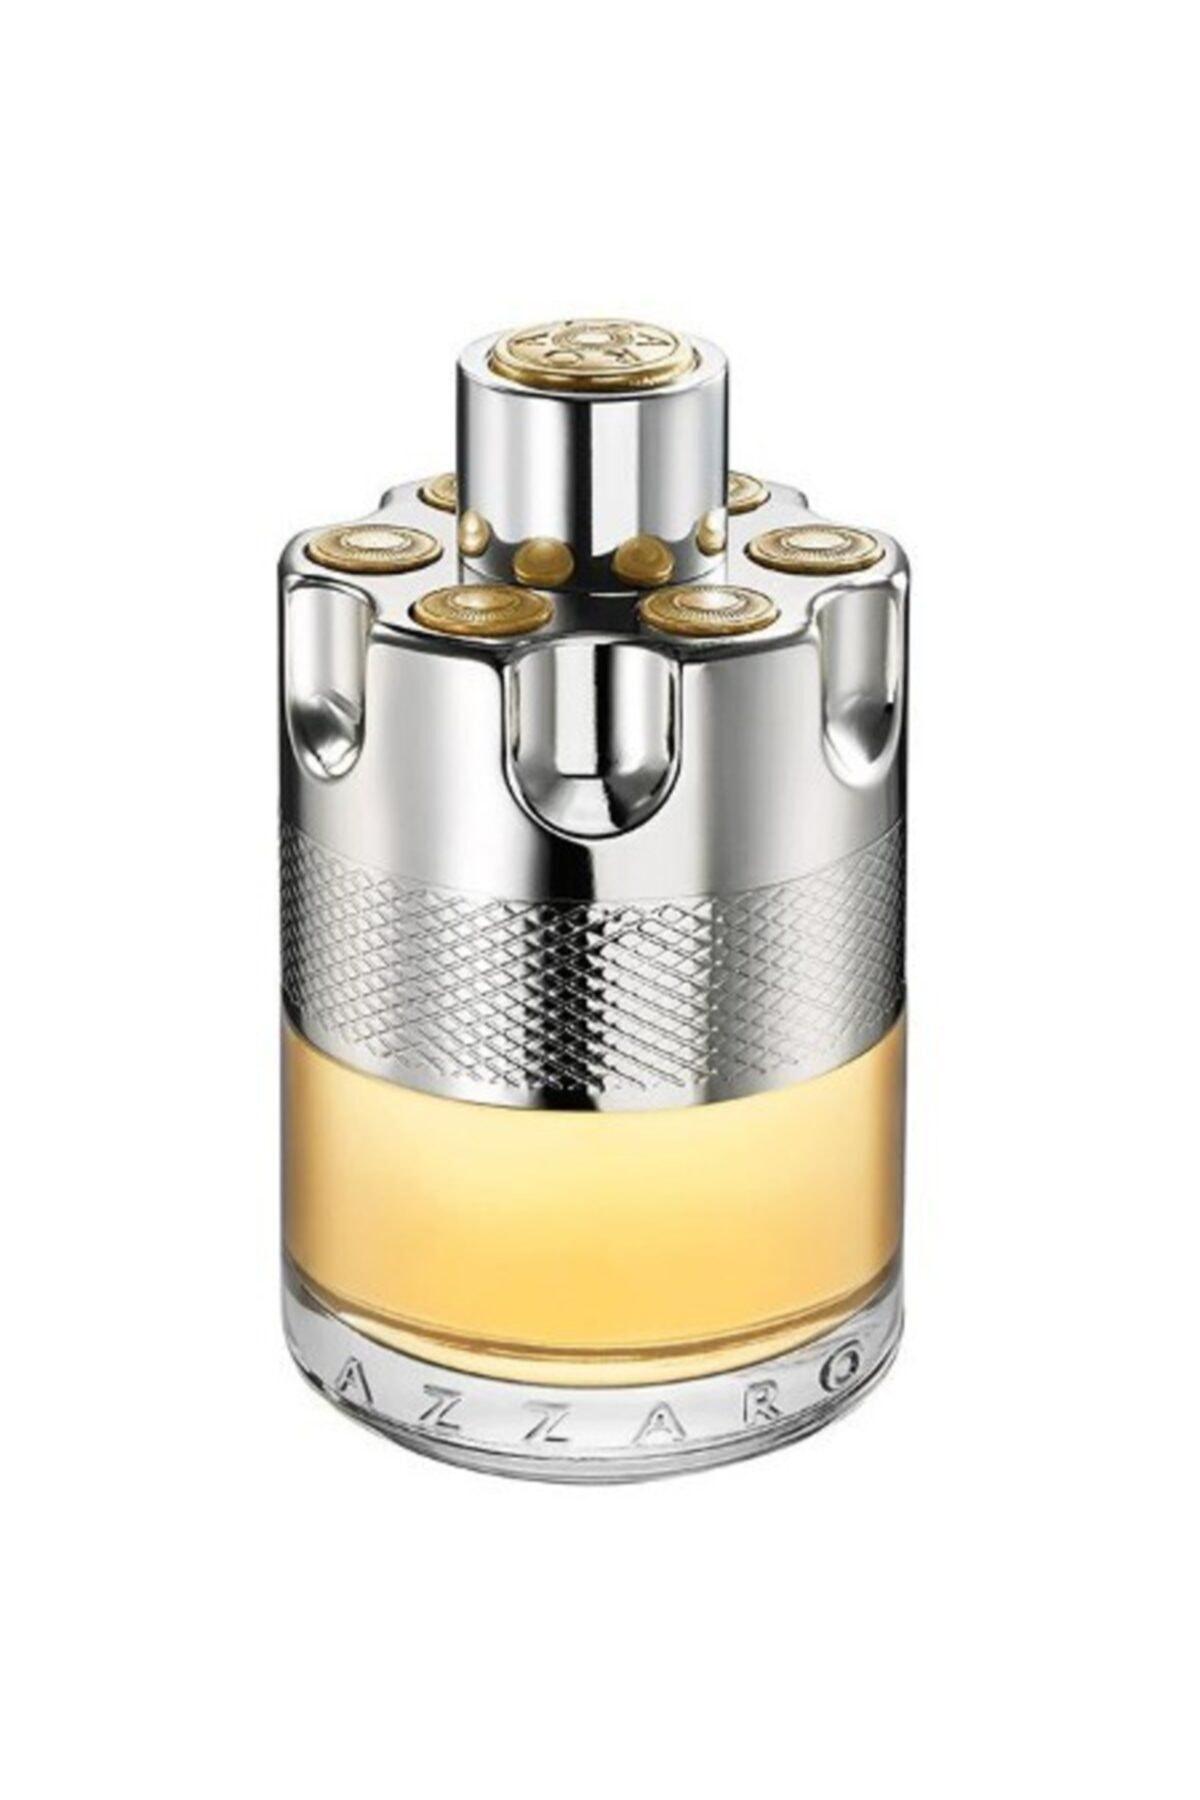 Azzaro Wanted Erkek Edt 100 ml Erkek Parfüm 3351500002702 1